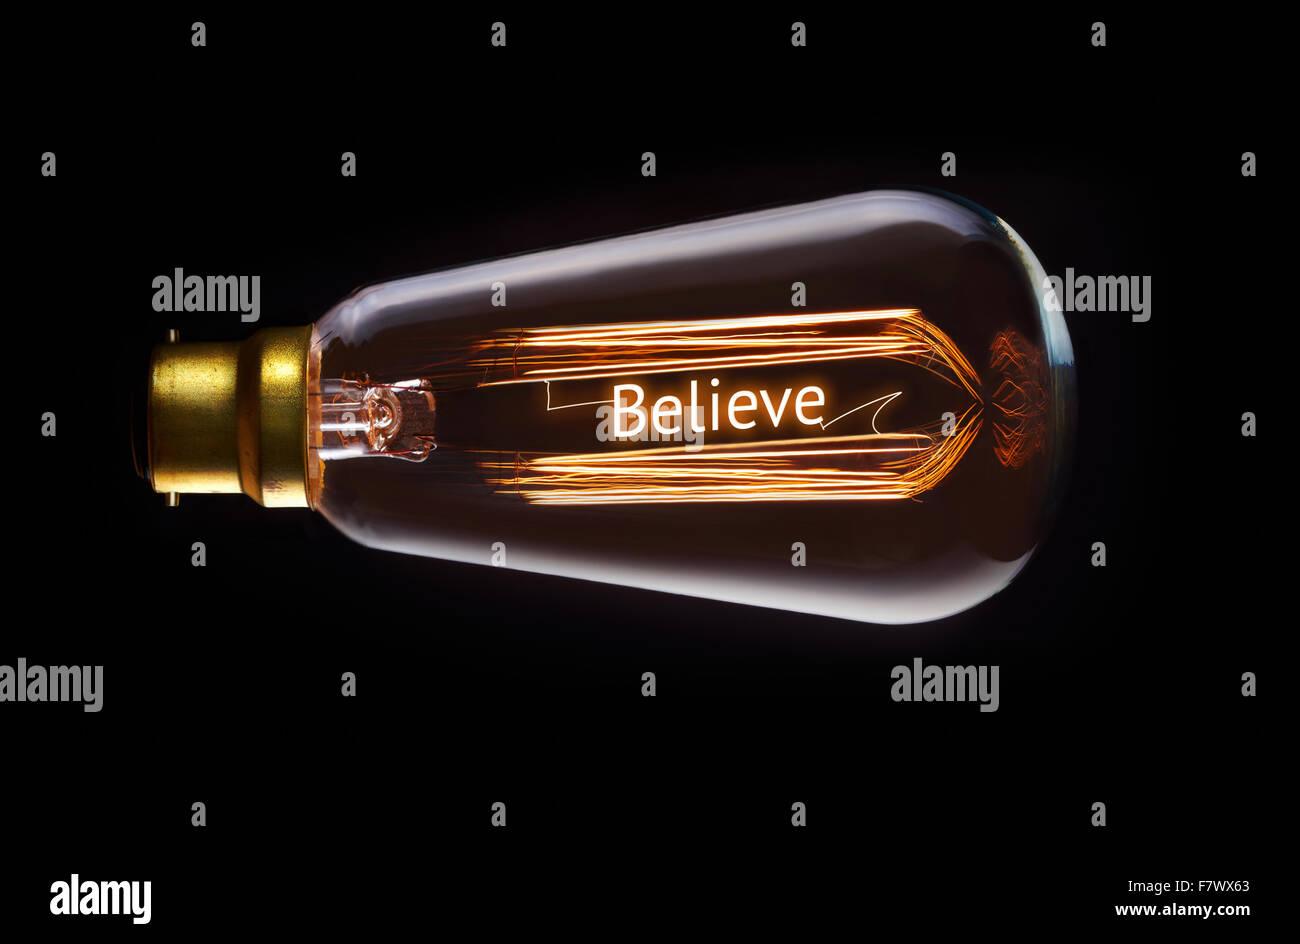 Religion, glauben Konzept in ein Filament-Glühbirne. Stockbild